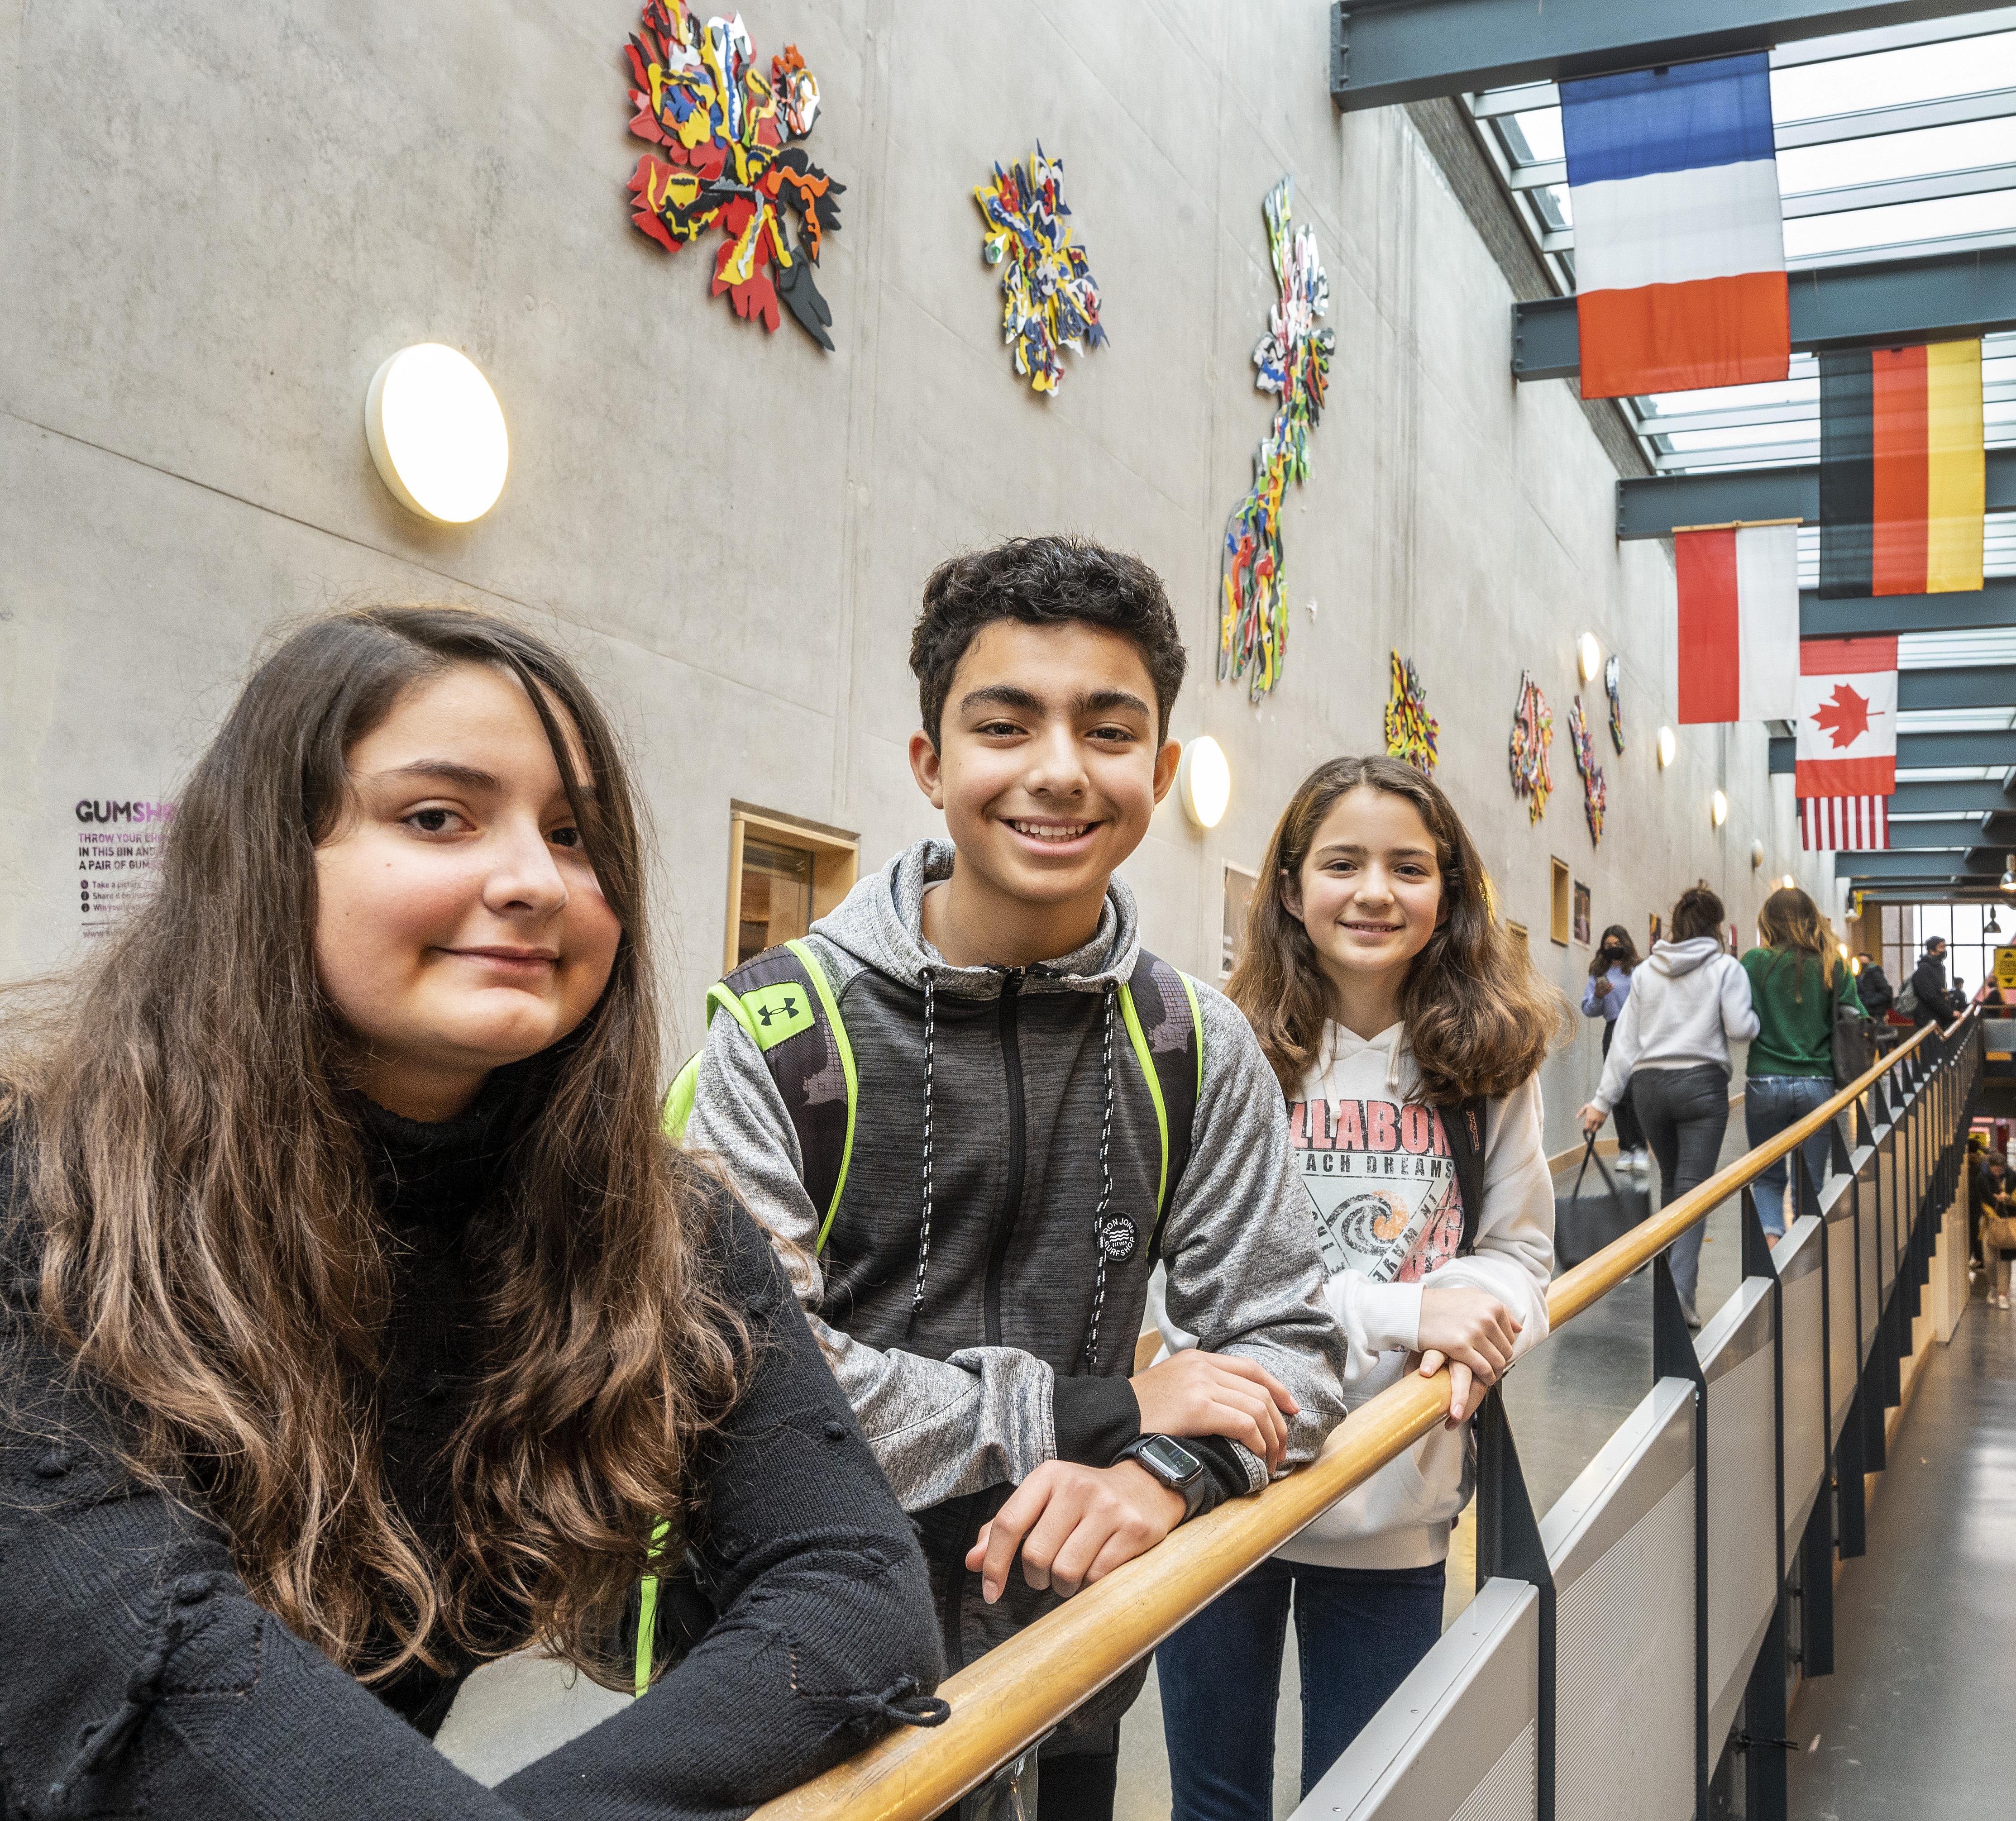 Groeiend aantal 'internationals' op Haarlemmermeer Lyceum: 'Daar zijn we heel enthousiast over'